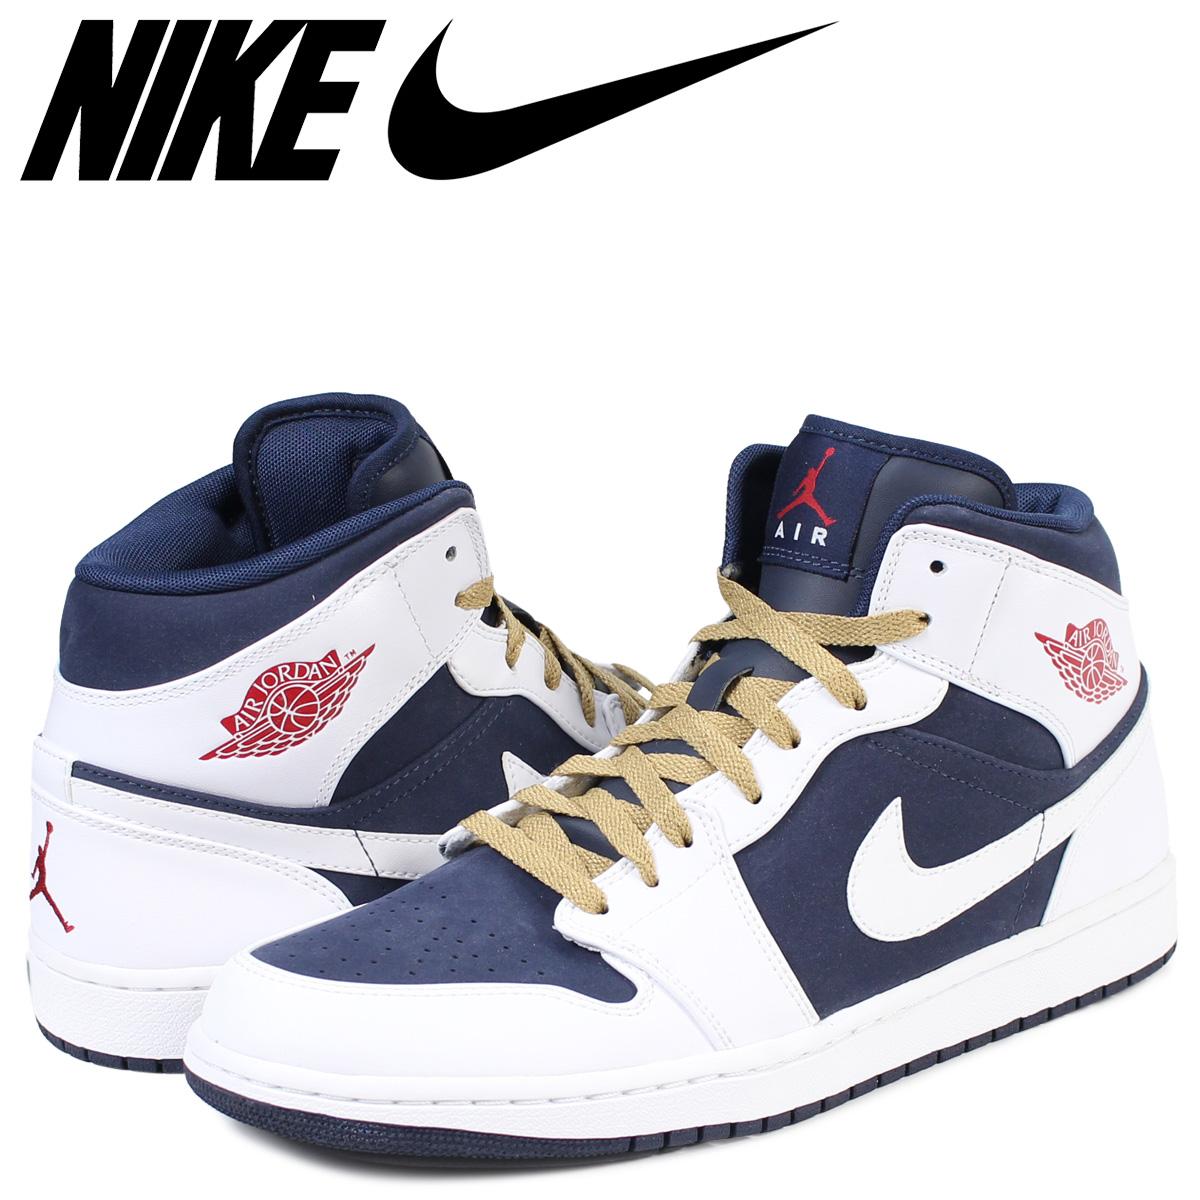 NIKE Nike Air Jordan 1 sneakers AIR JORDAN 1 PHAT men shoes white